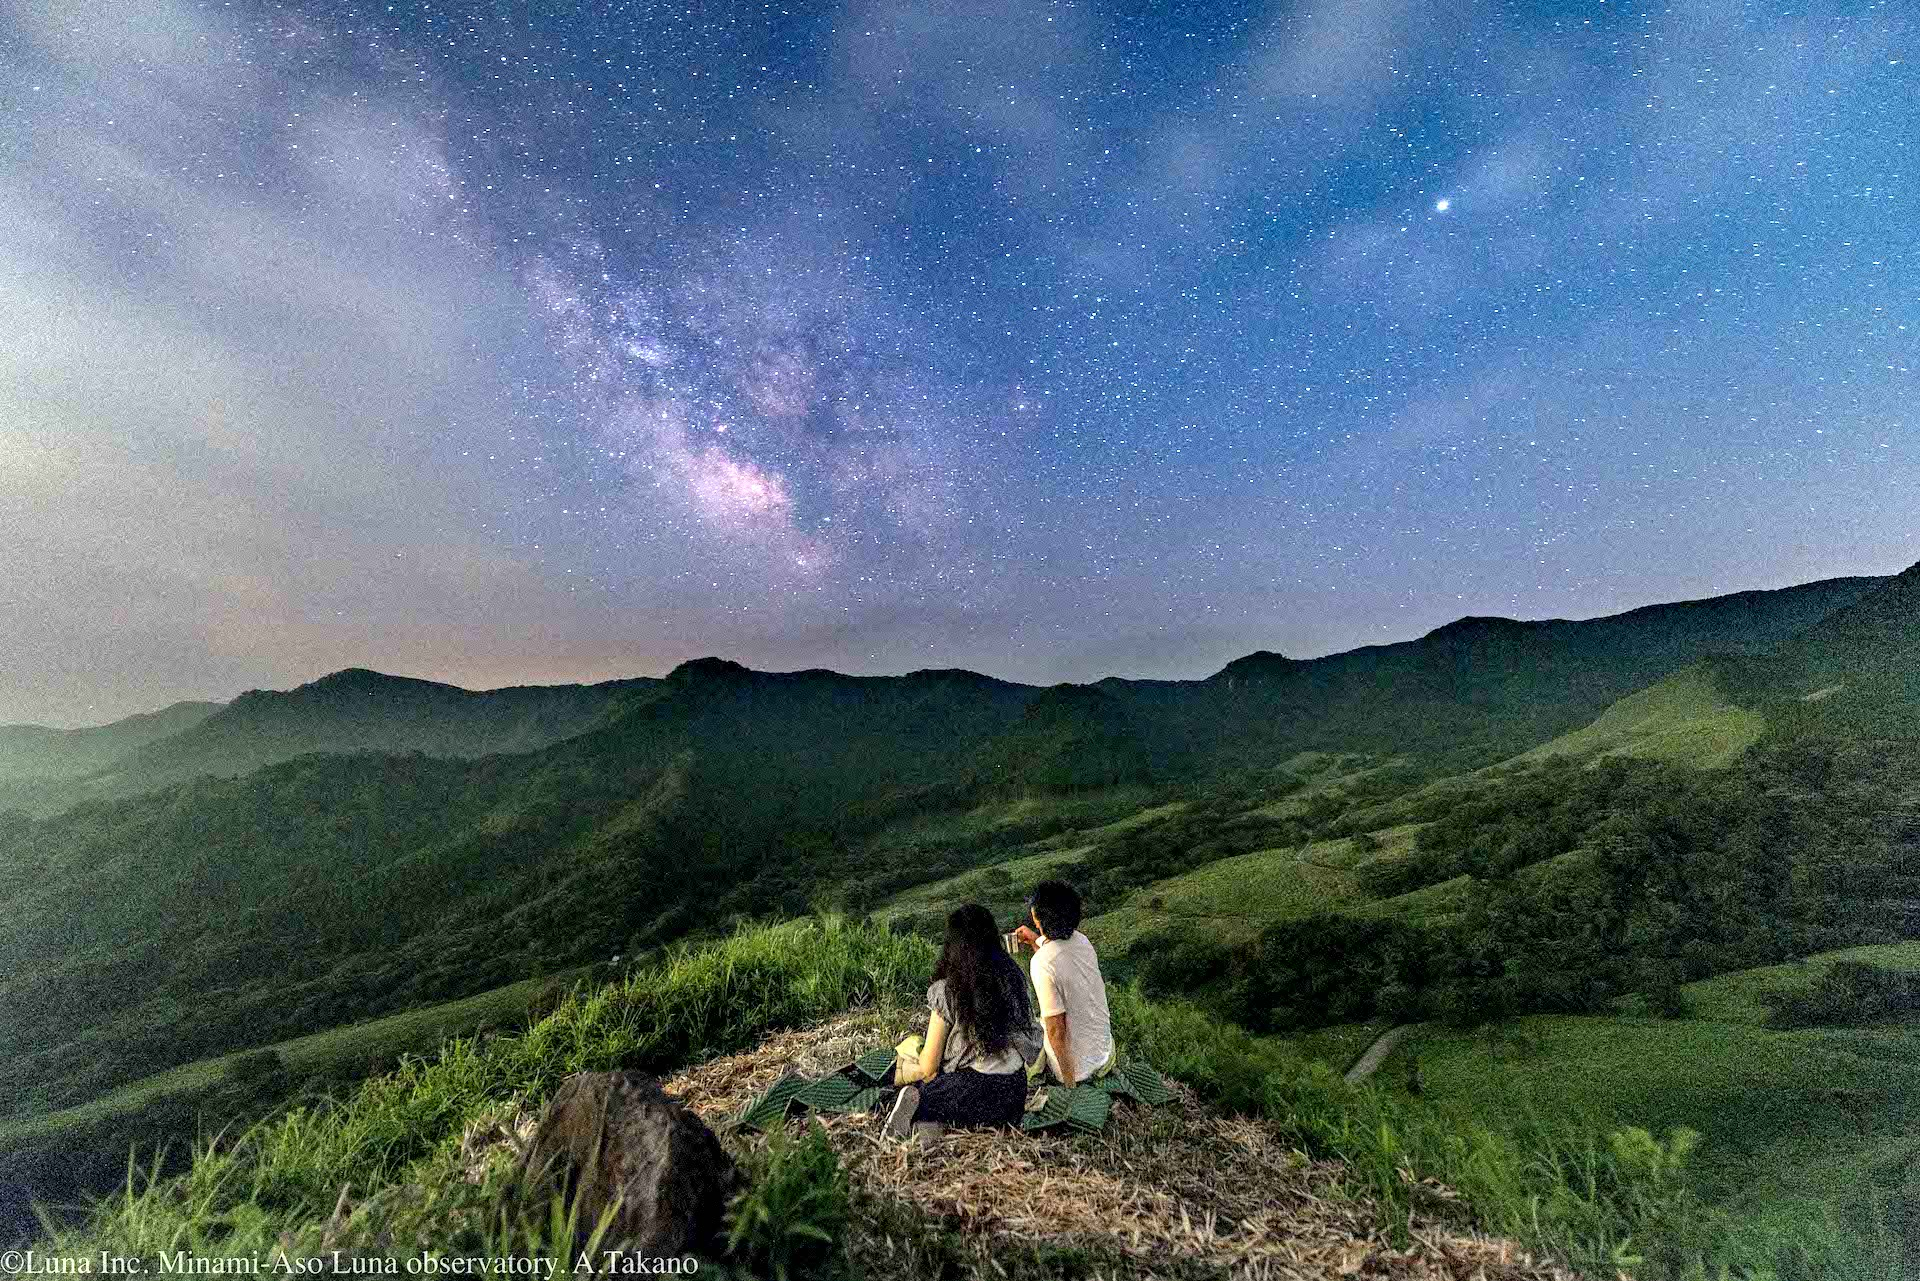 実際に阿蘇で星空を楽しむマタニティご夫婦(2018年)